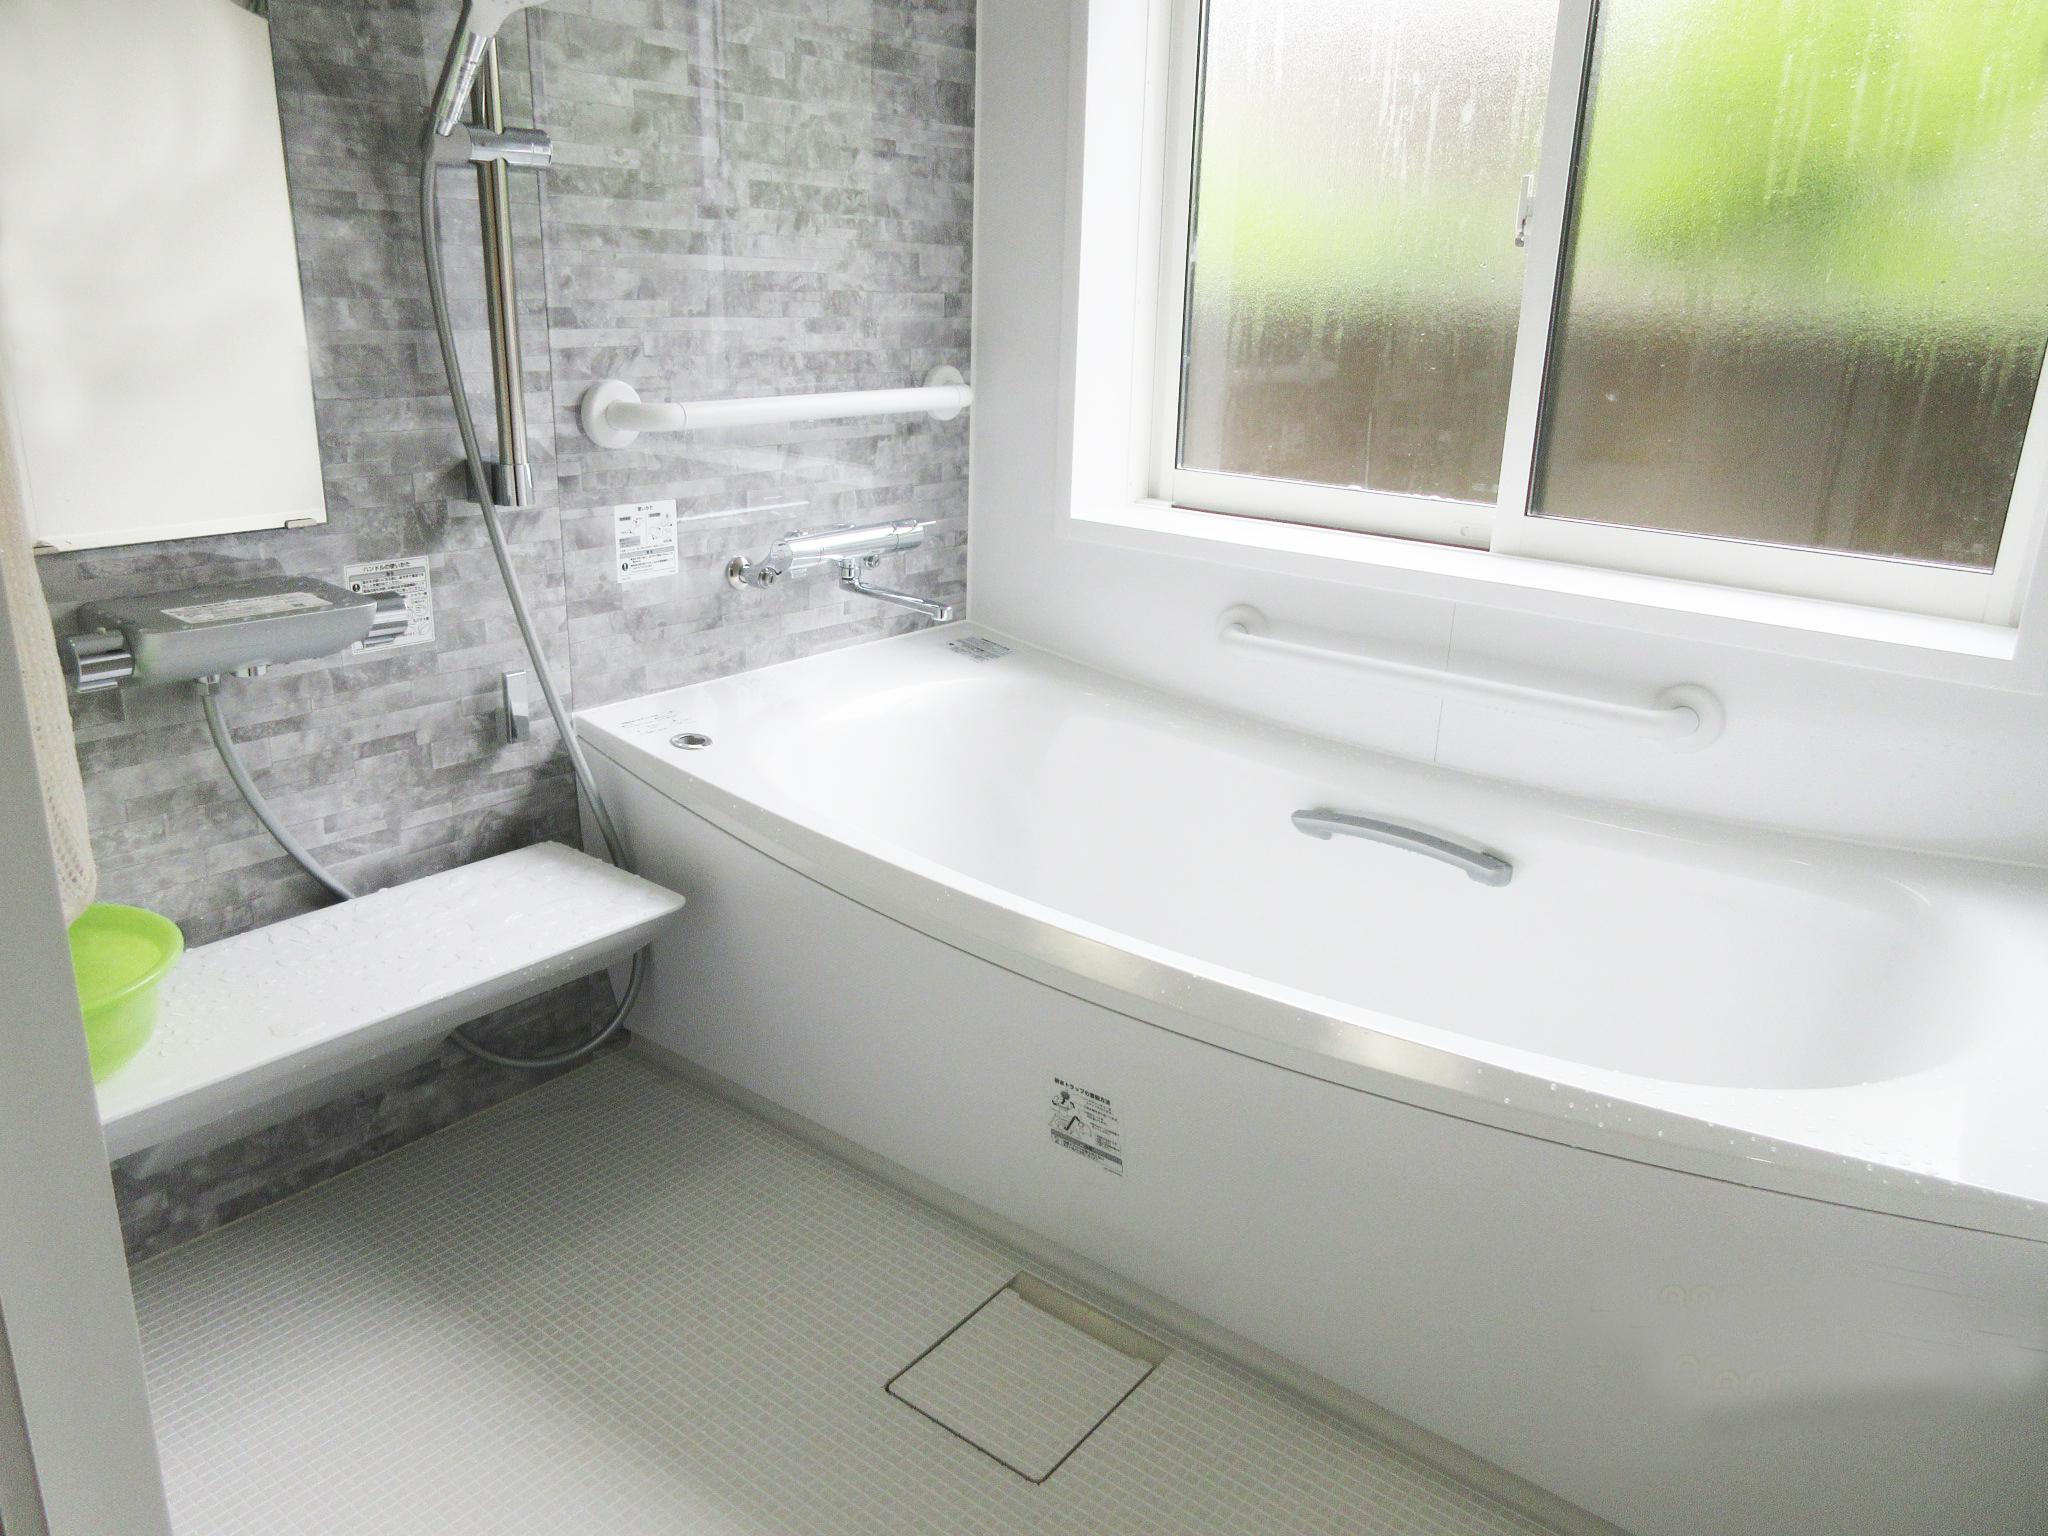 お掃除もしやすく広々快適なお風呂になりました。